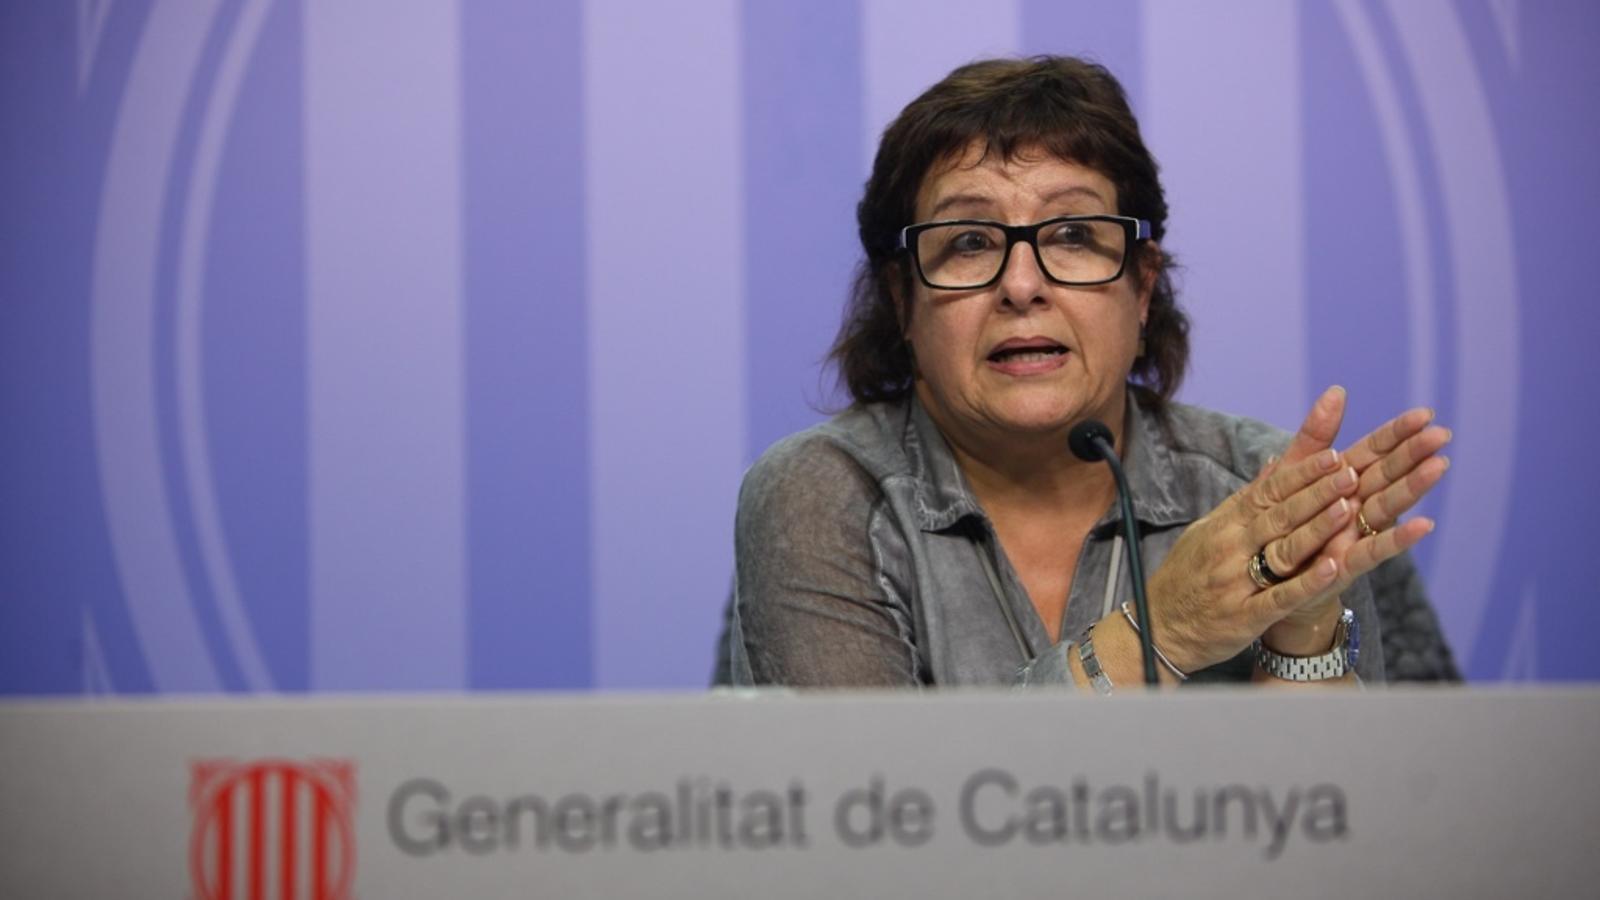 """Dolors Bassa demana no deixar caure el govern de Pedro Sánchez: """"L'alternativa és molt pitjor"""""""